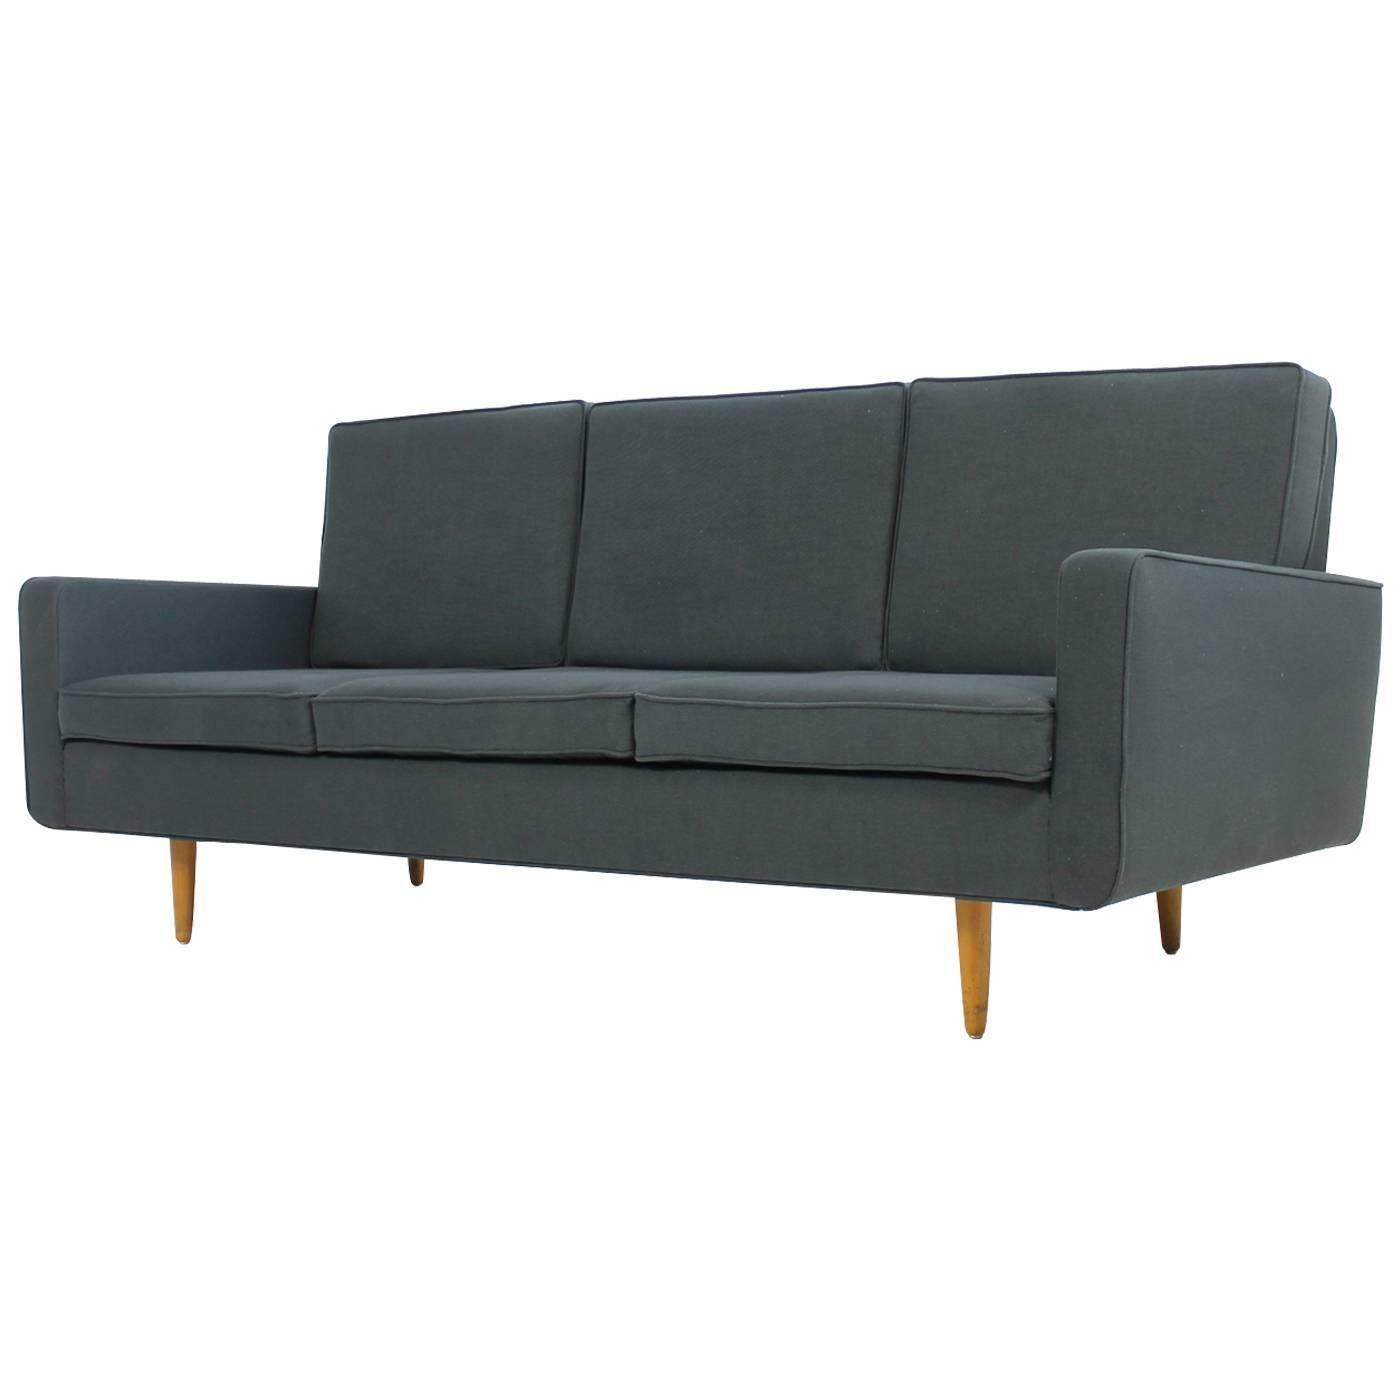 Florence Knoll Style Fabric Sofa Fabric Sofa Teal Sofa Blue